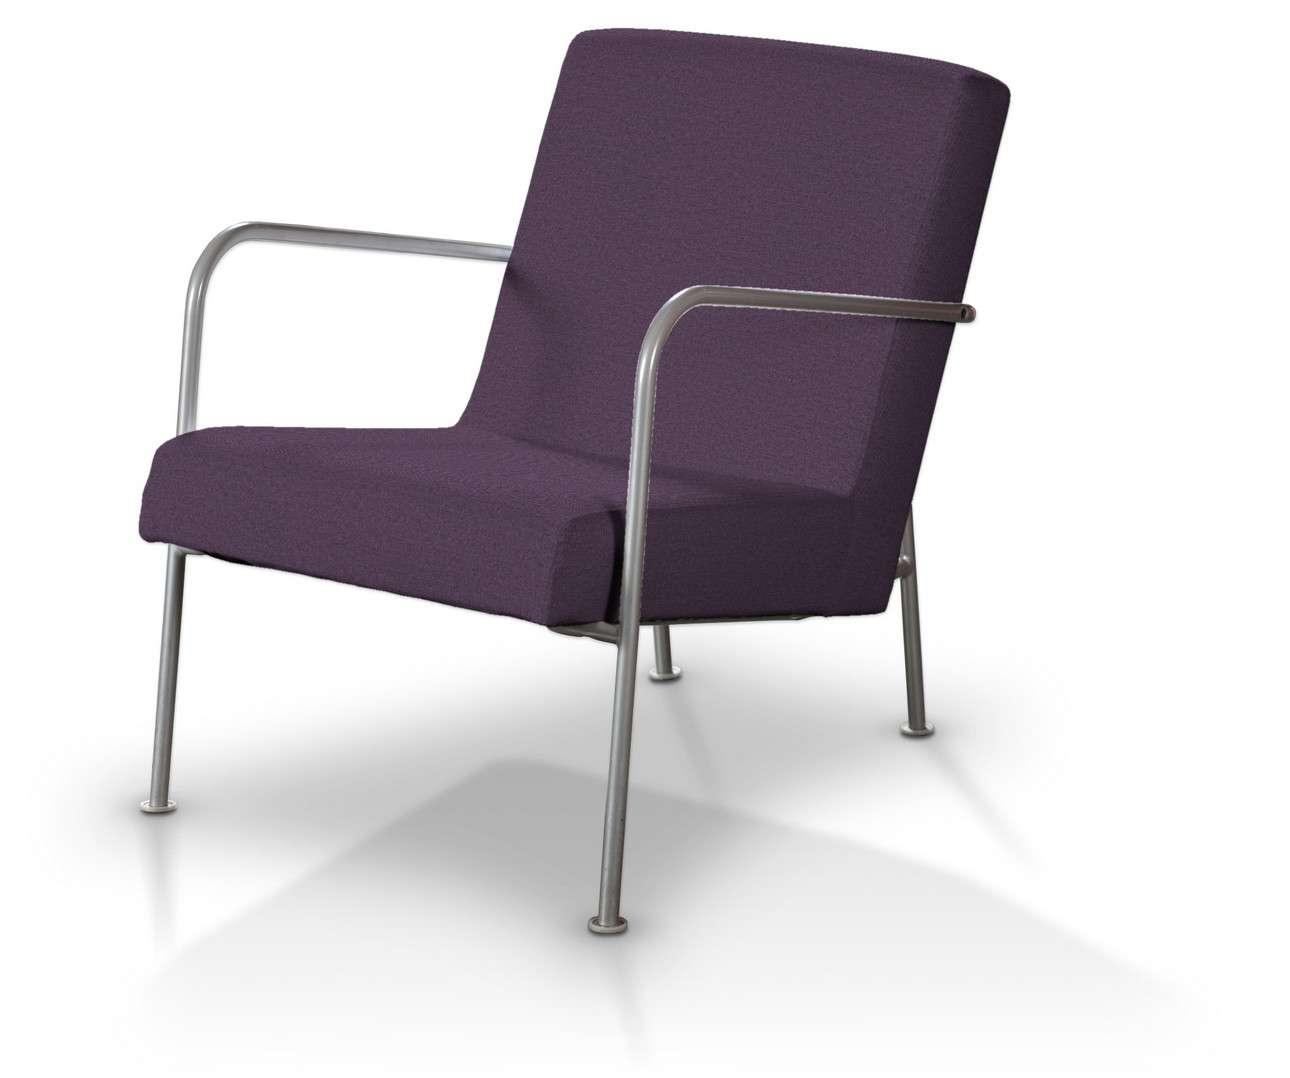 Bezug für Ikea PS Sessel von der Kollektion Etna, Stoff: 161-27